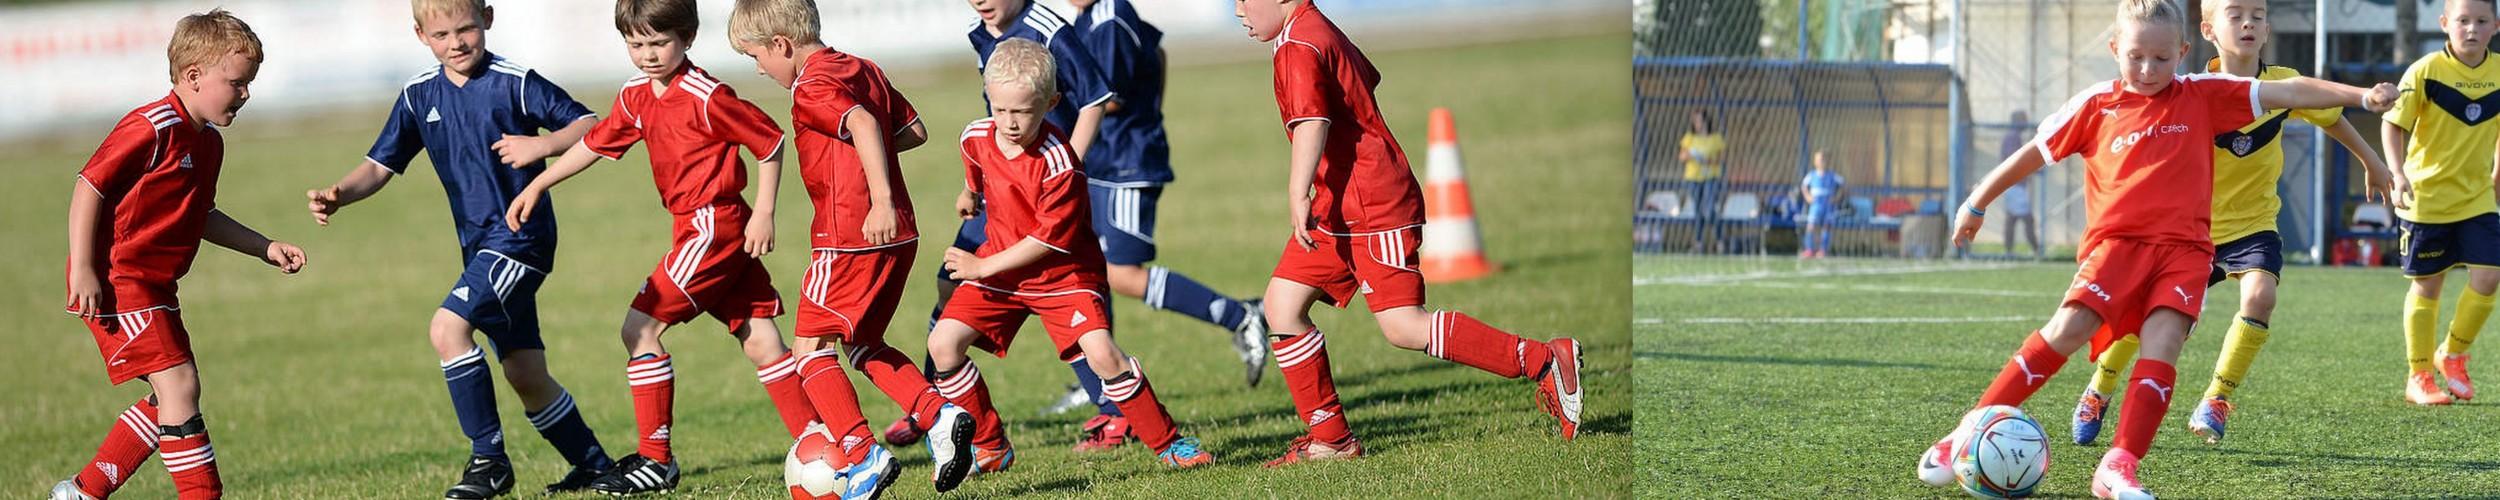 Fotbalová přípravka pro děti